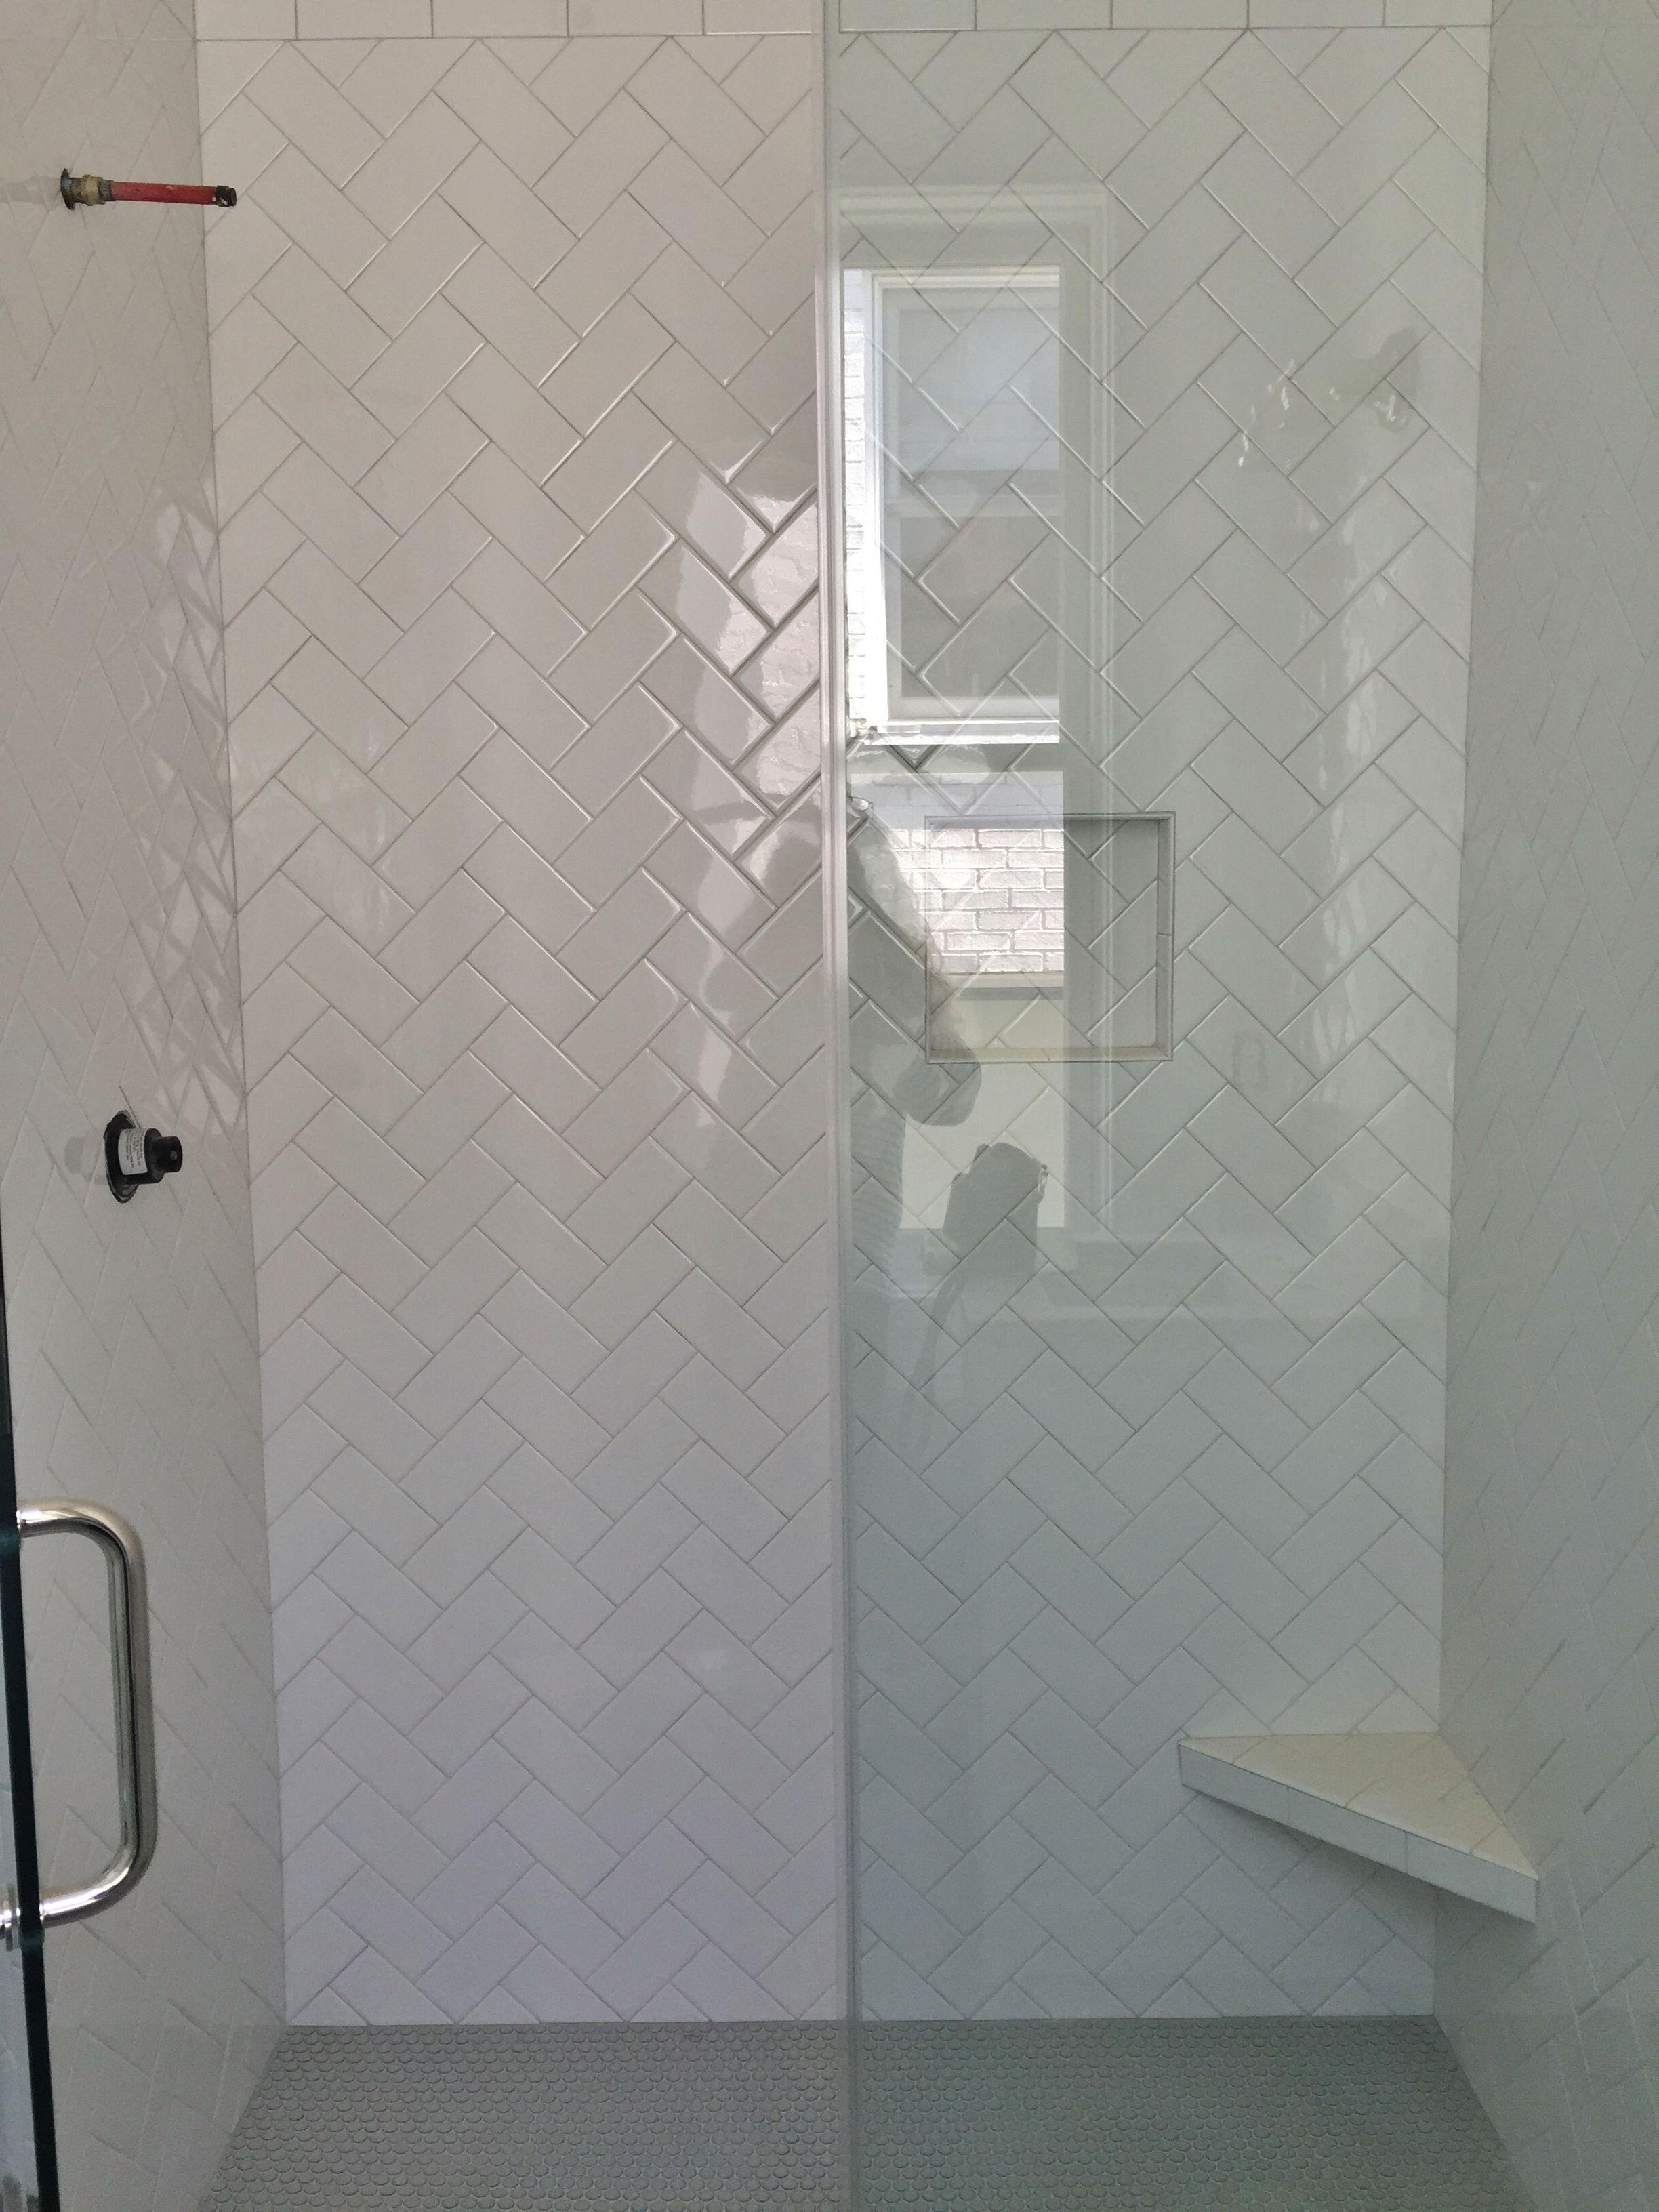 3x6 White Subway Tile Set In Herringbone Pattern Gray Penny Rounds On Floor Herringbone Tile Bathroom Shower Tile Designs Shower Tile